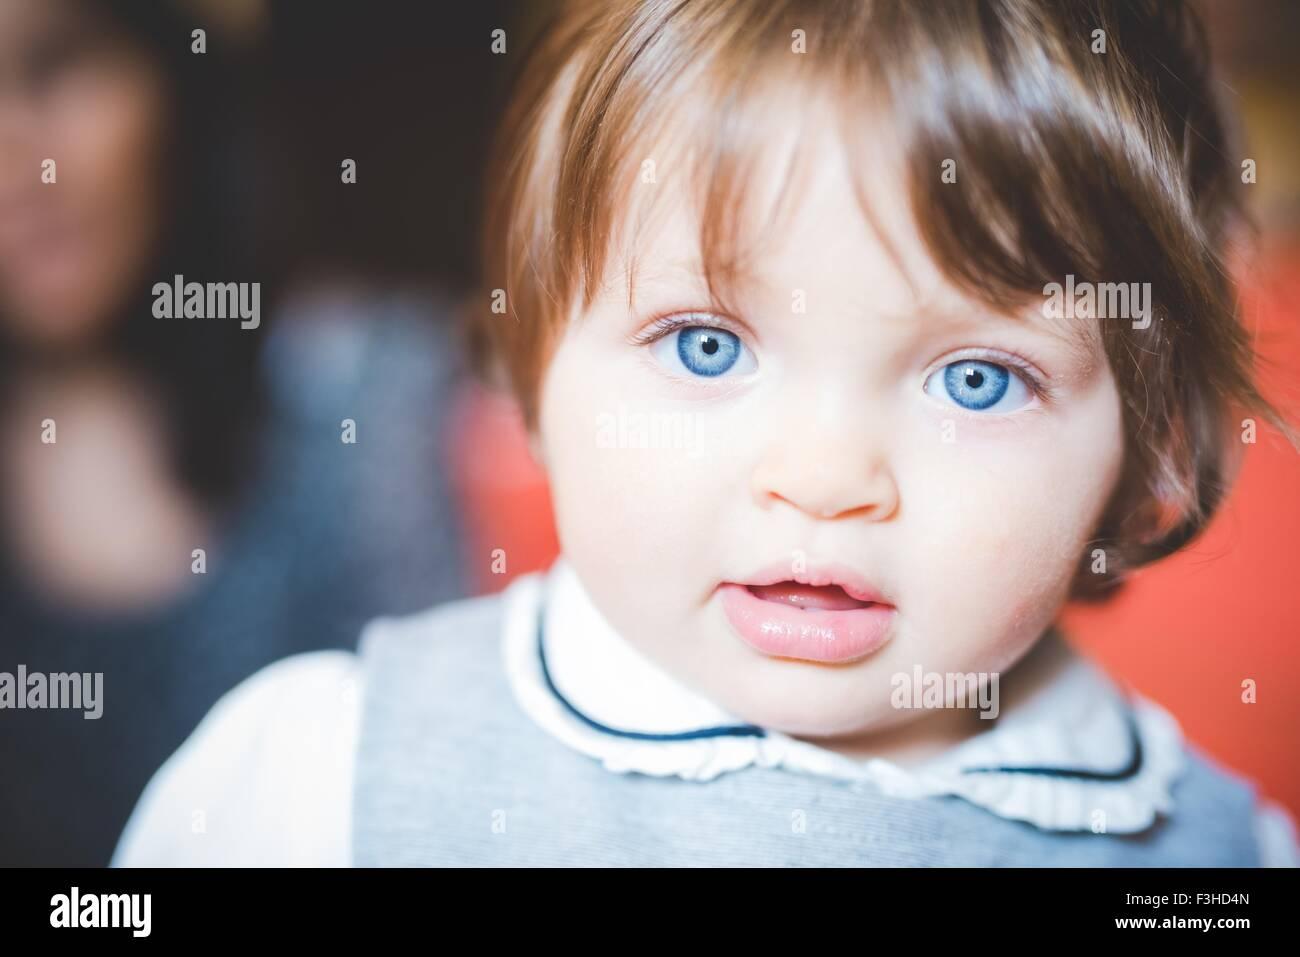 Close up ritratto femminile di bimbo con gli occhi blu Immagini Stock